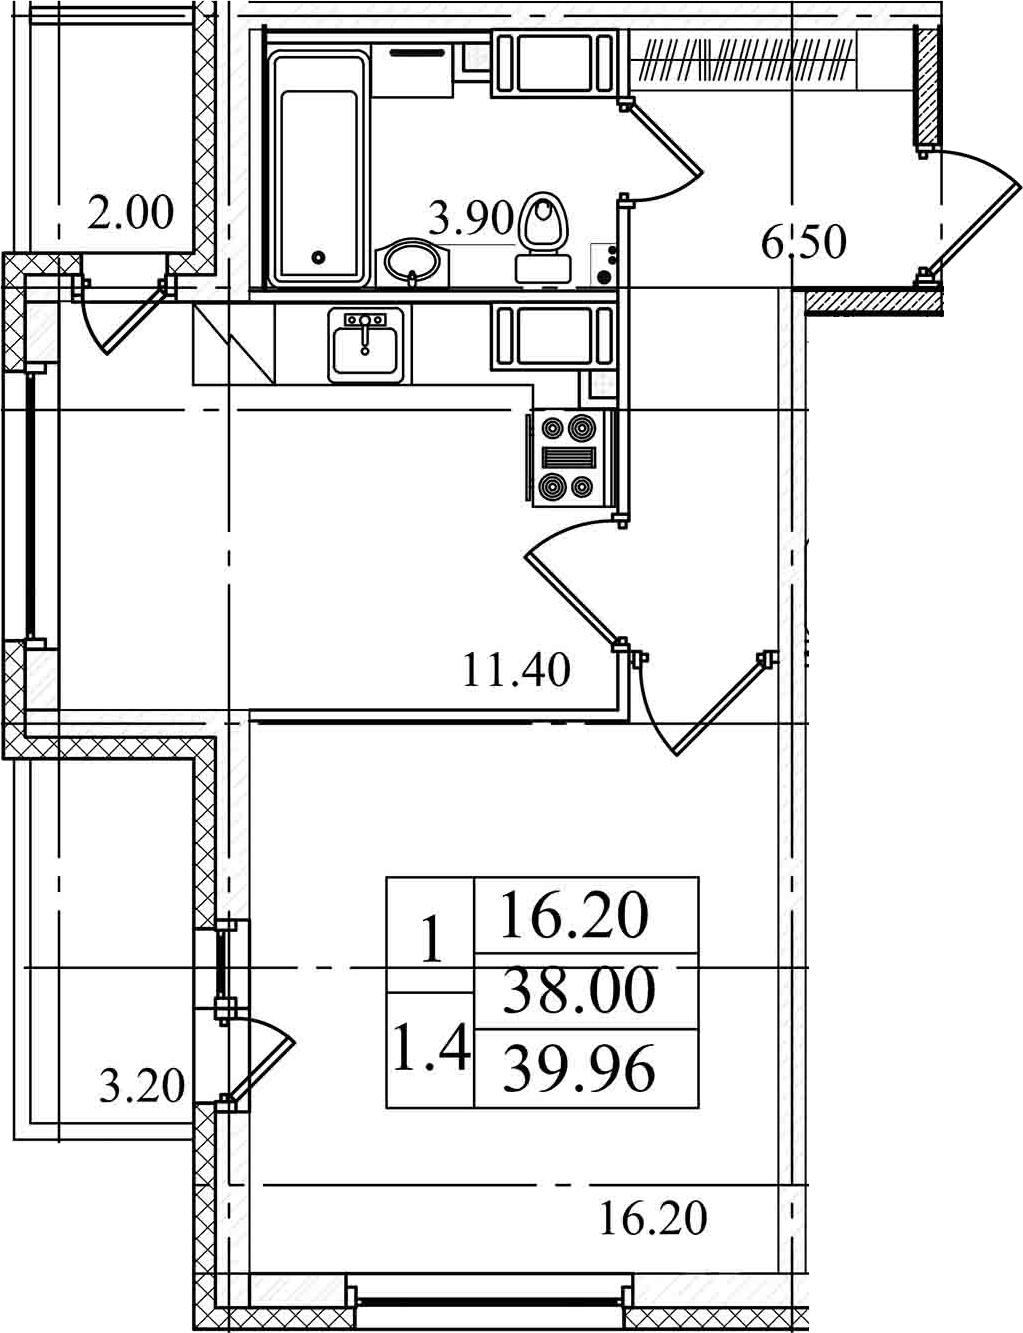 1-комнатная квартира, 38 м², 25 этаж – Планировка